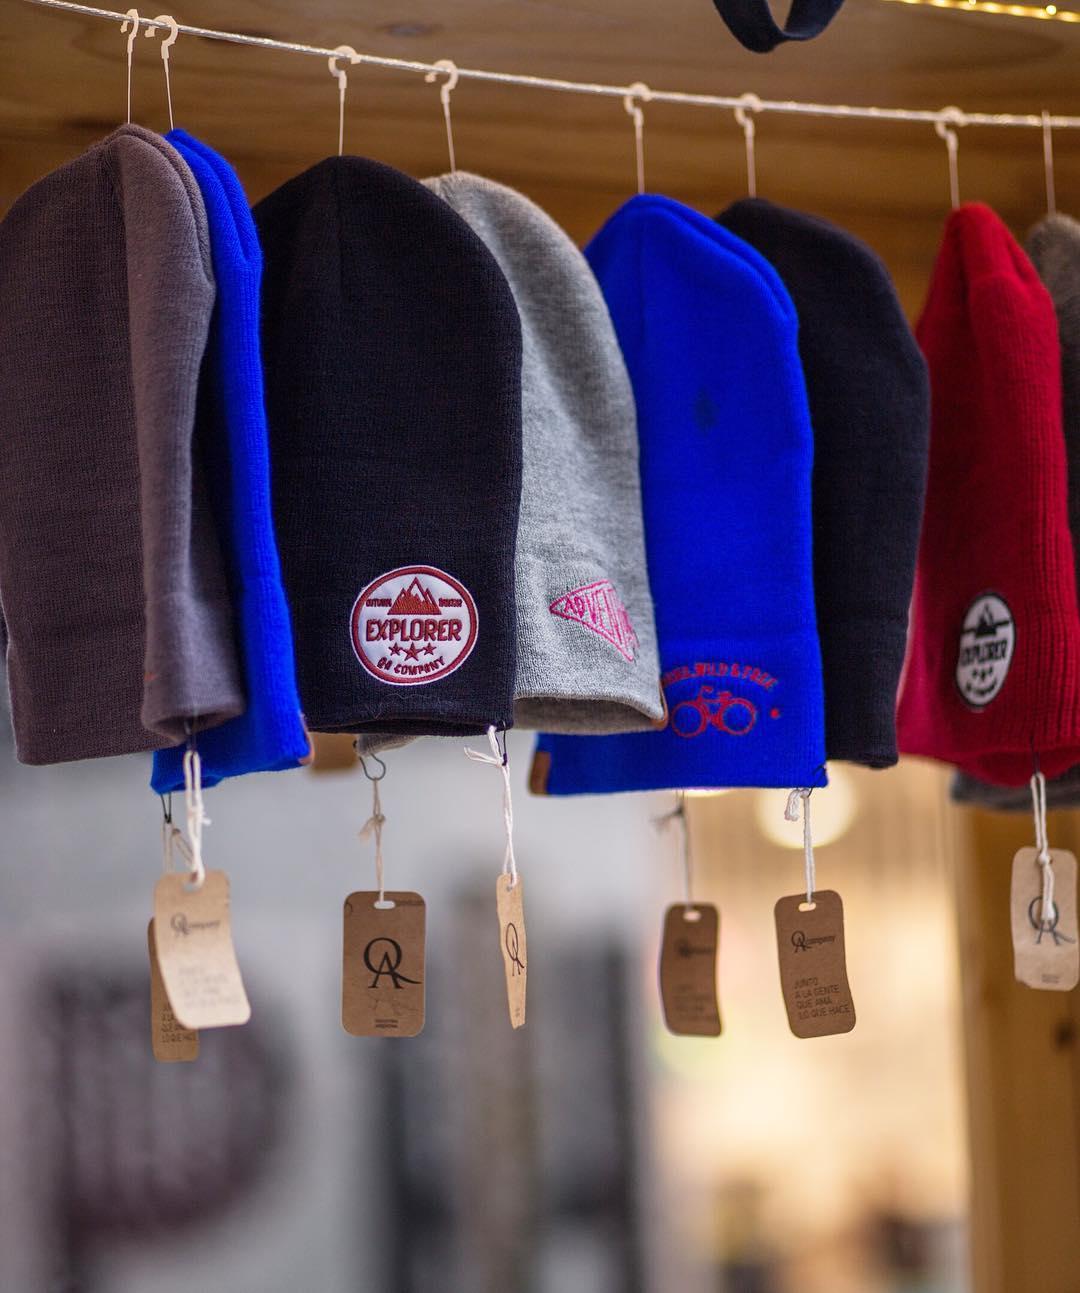 ¿Sabías que nos podés encontrar en 4 #shoppings de Buenos Aires? ¡¡Adiviná en cuáles estamos y participás del sorteo por un gorrito de lana!! El que vos prefieras